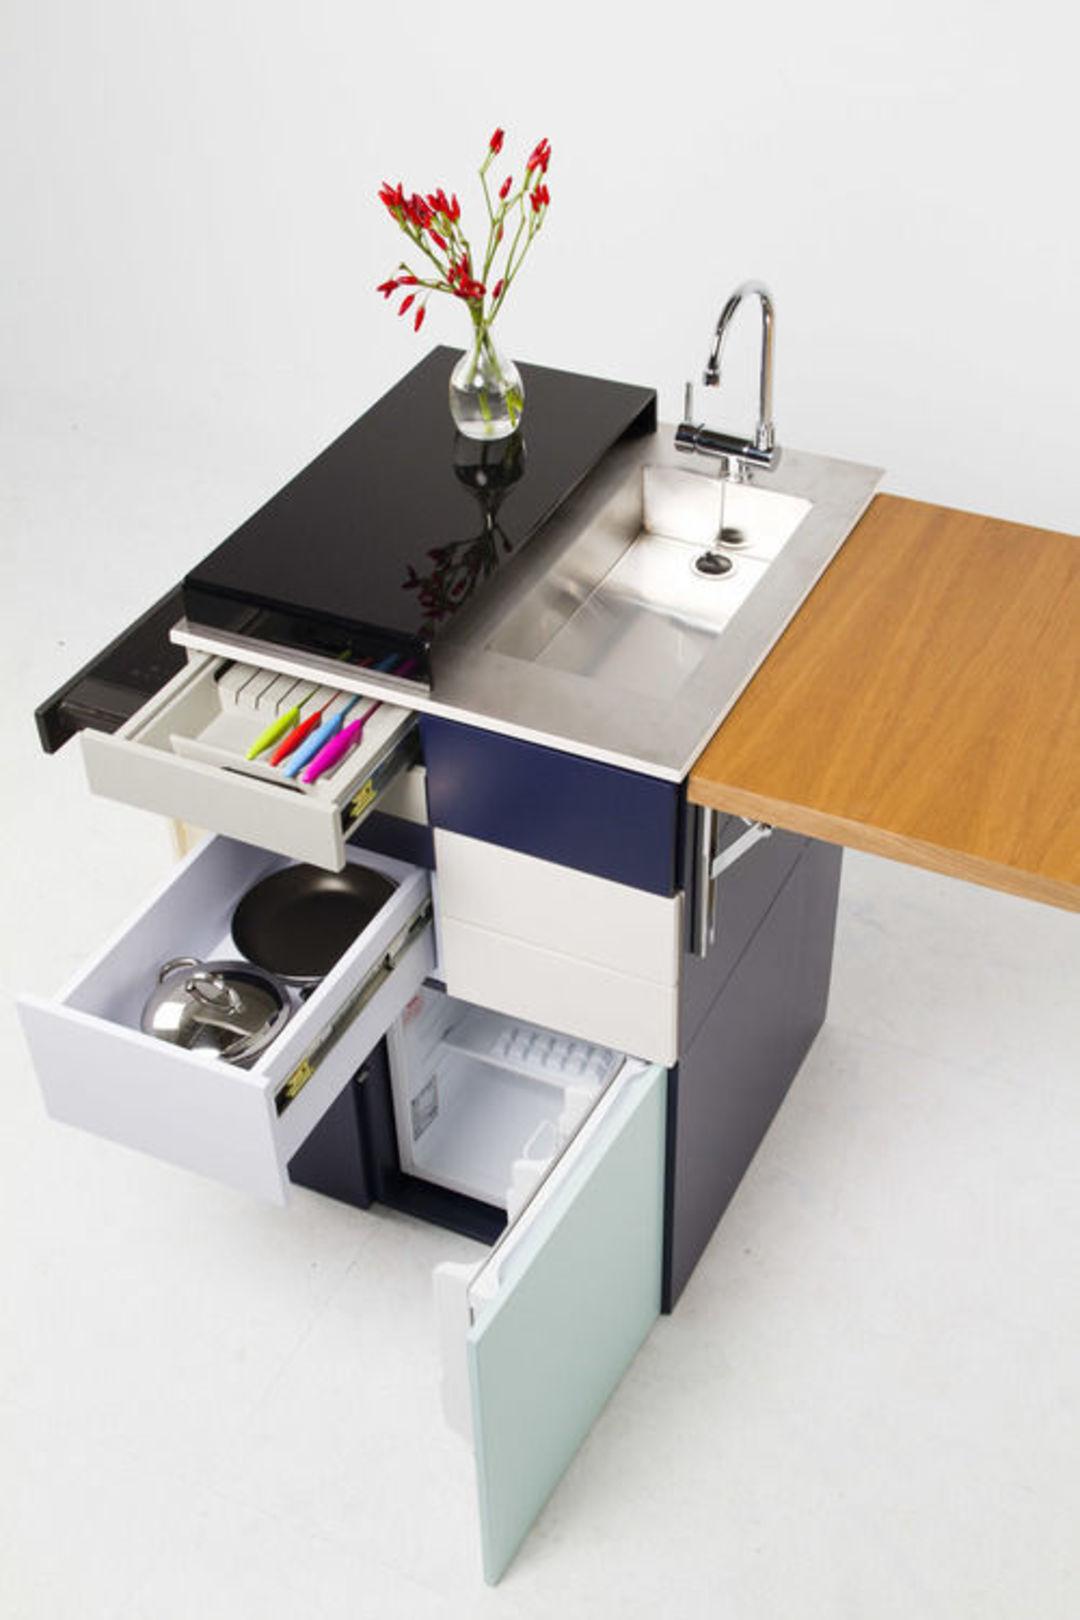 房子小还想有个专属厨房?你可以来看看这个小柜子_设计_好奇心日报